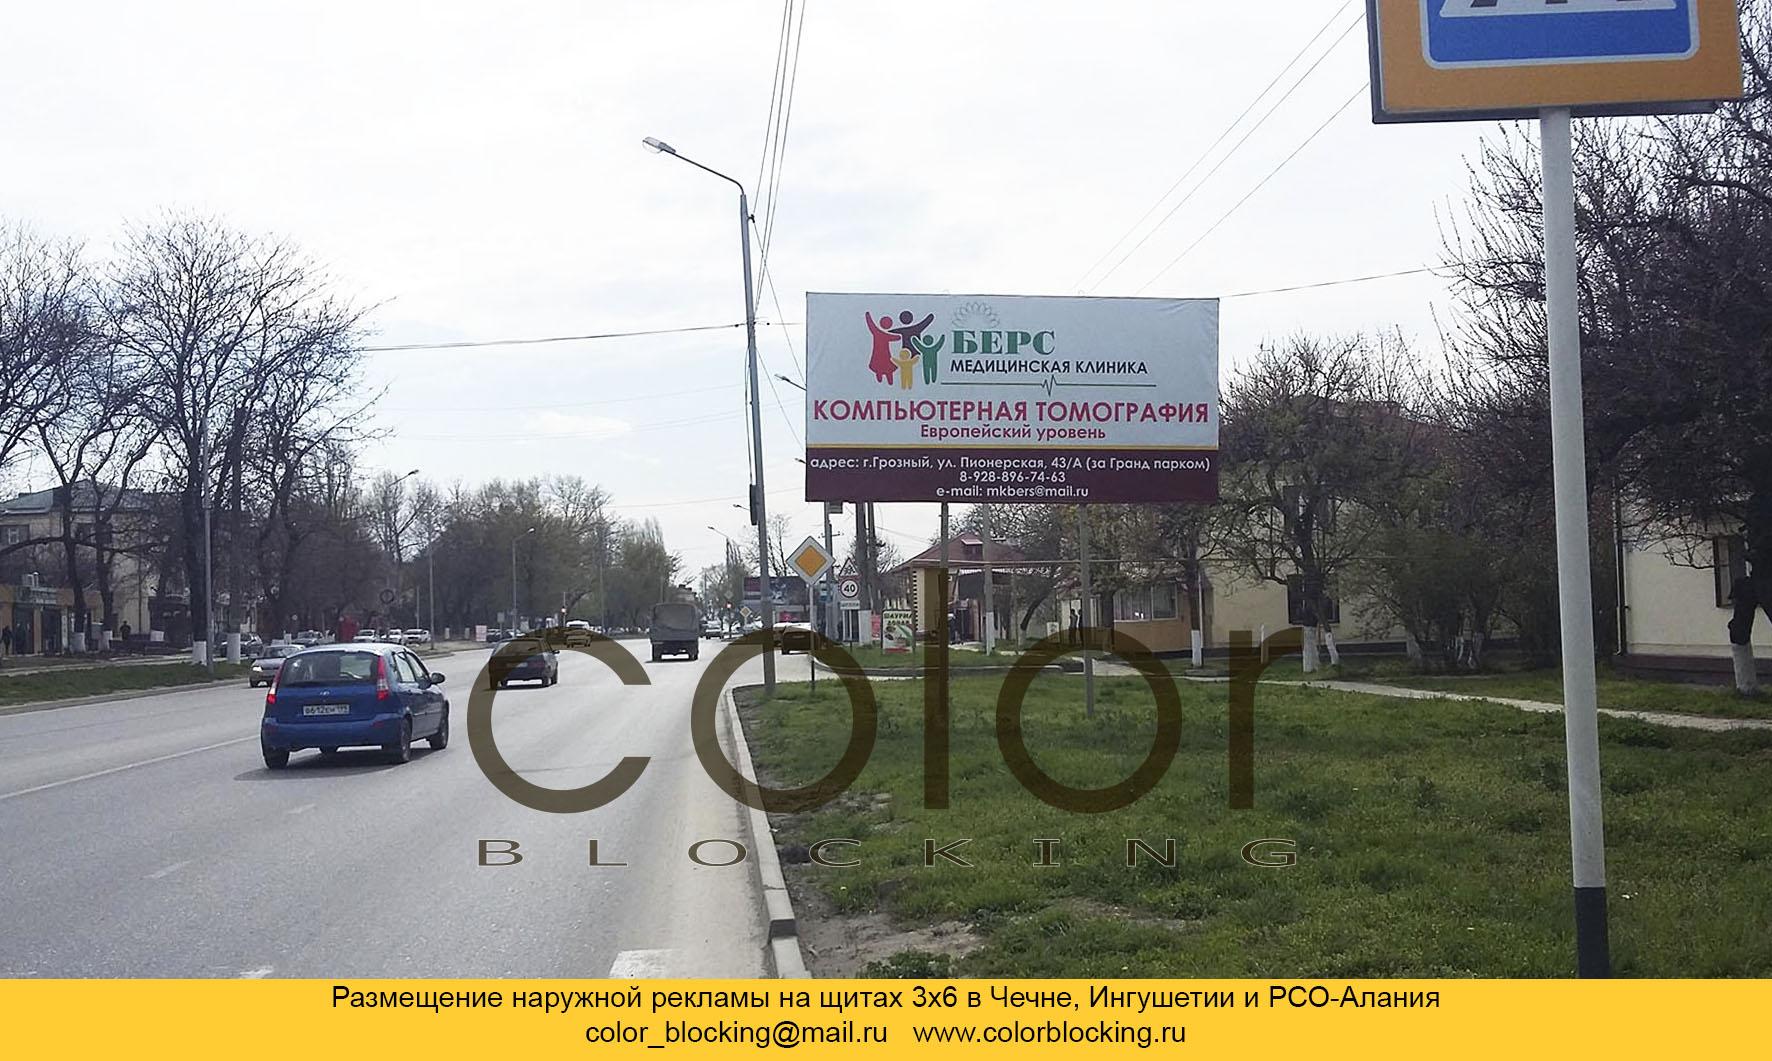 наружная реклама в Чечне Сайханова